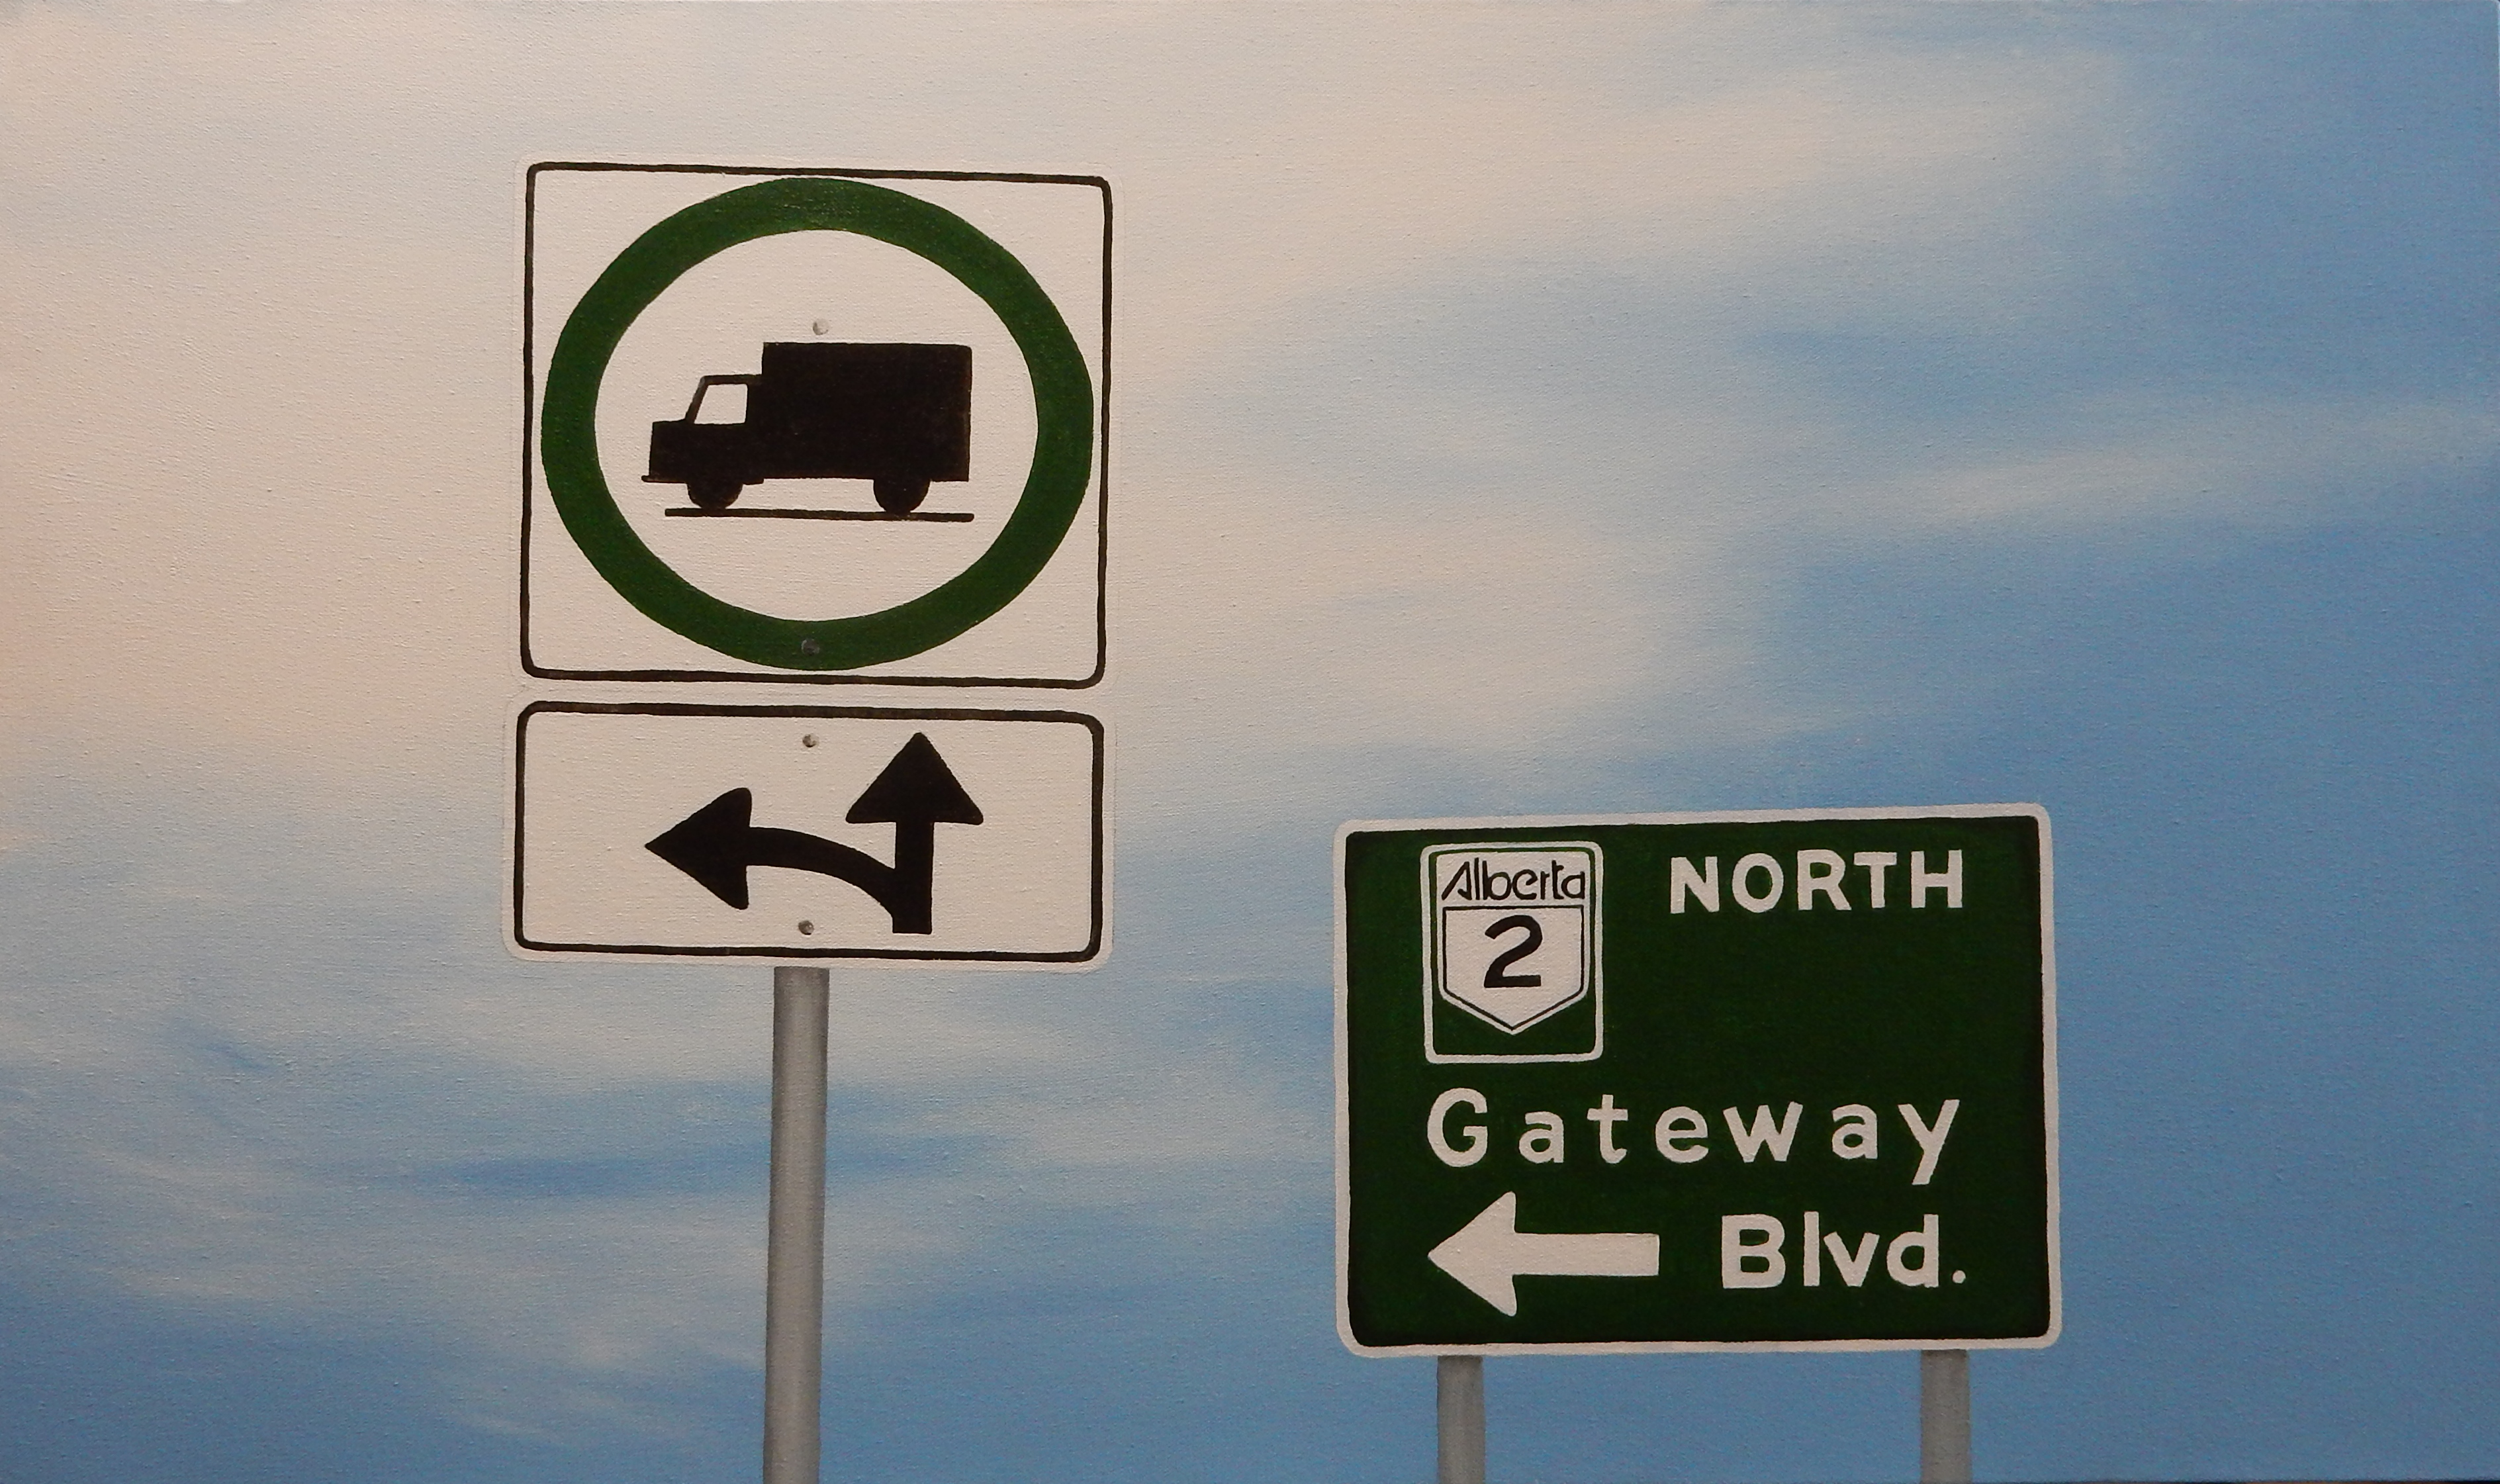 Gateway Blvd